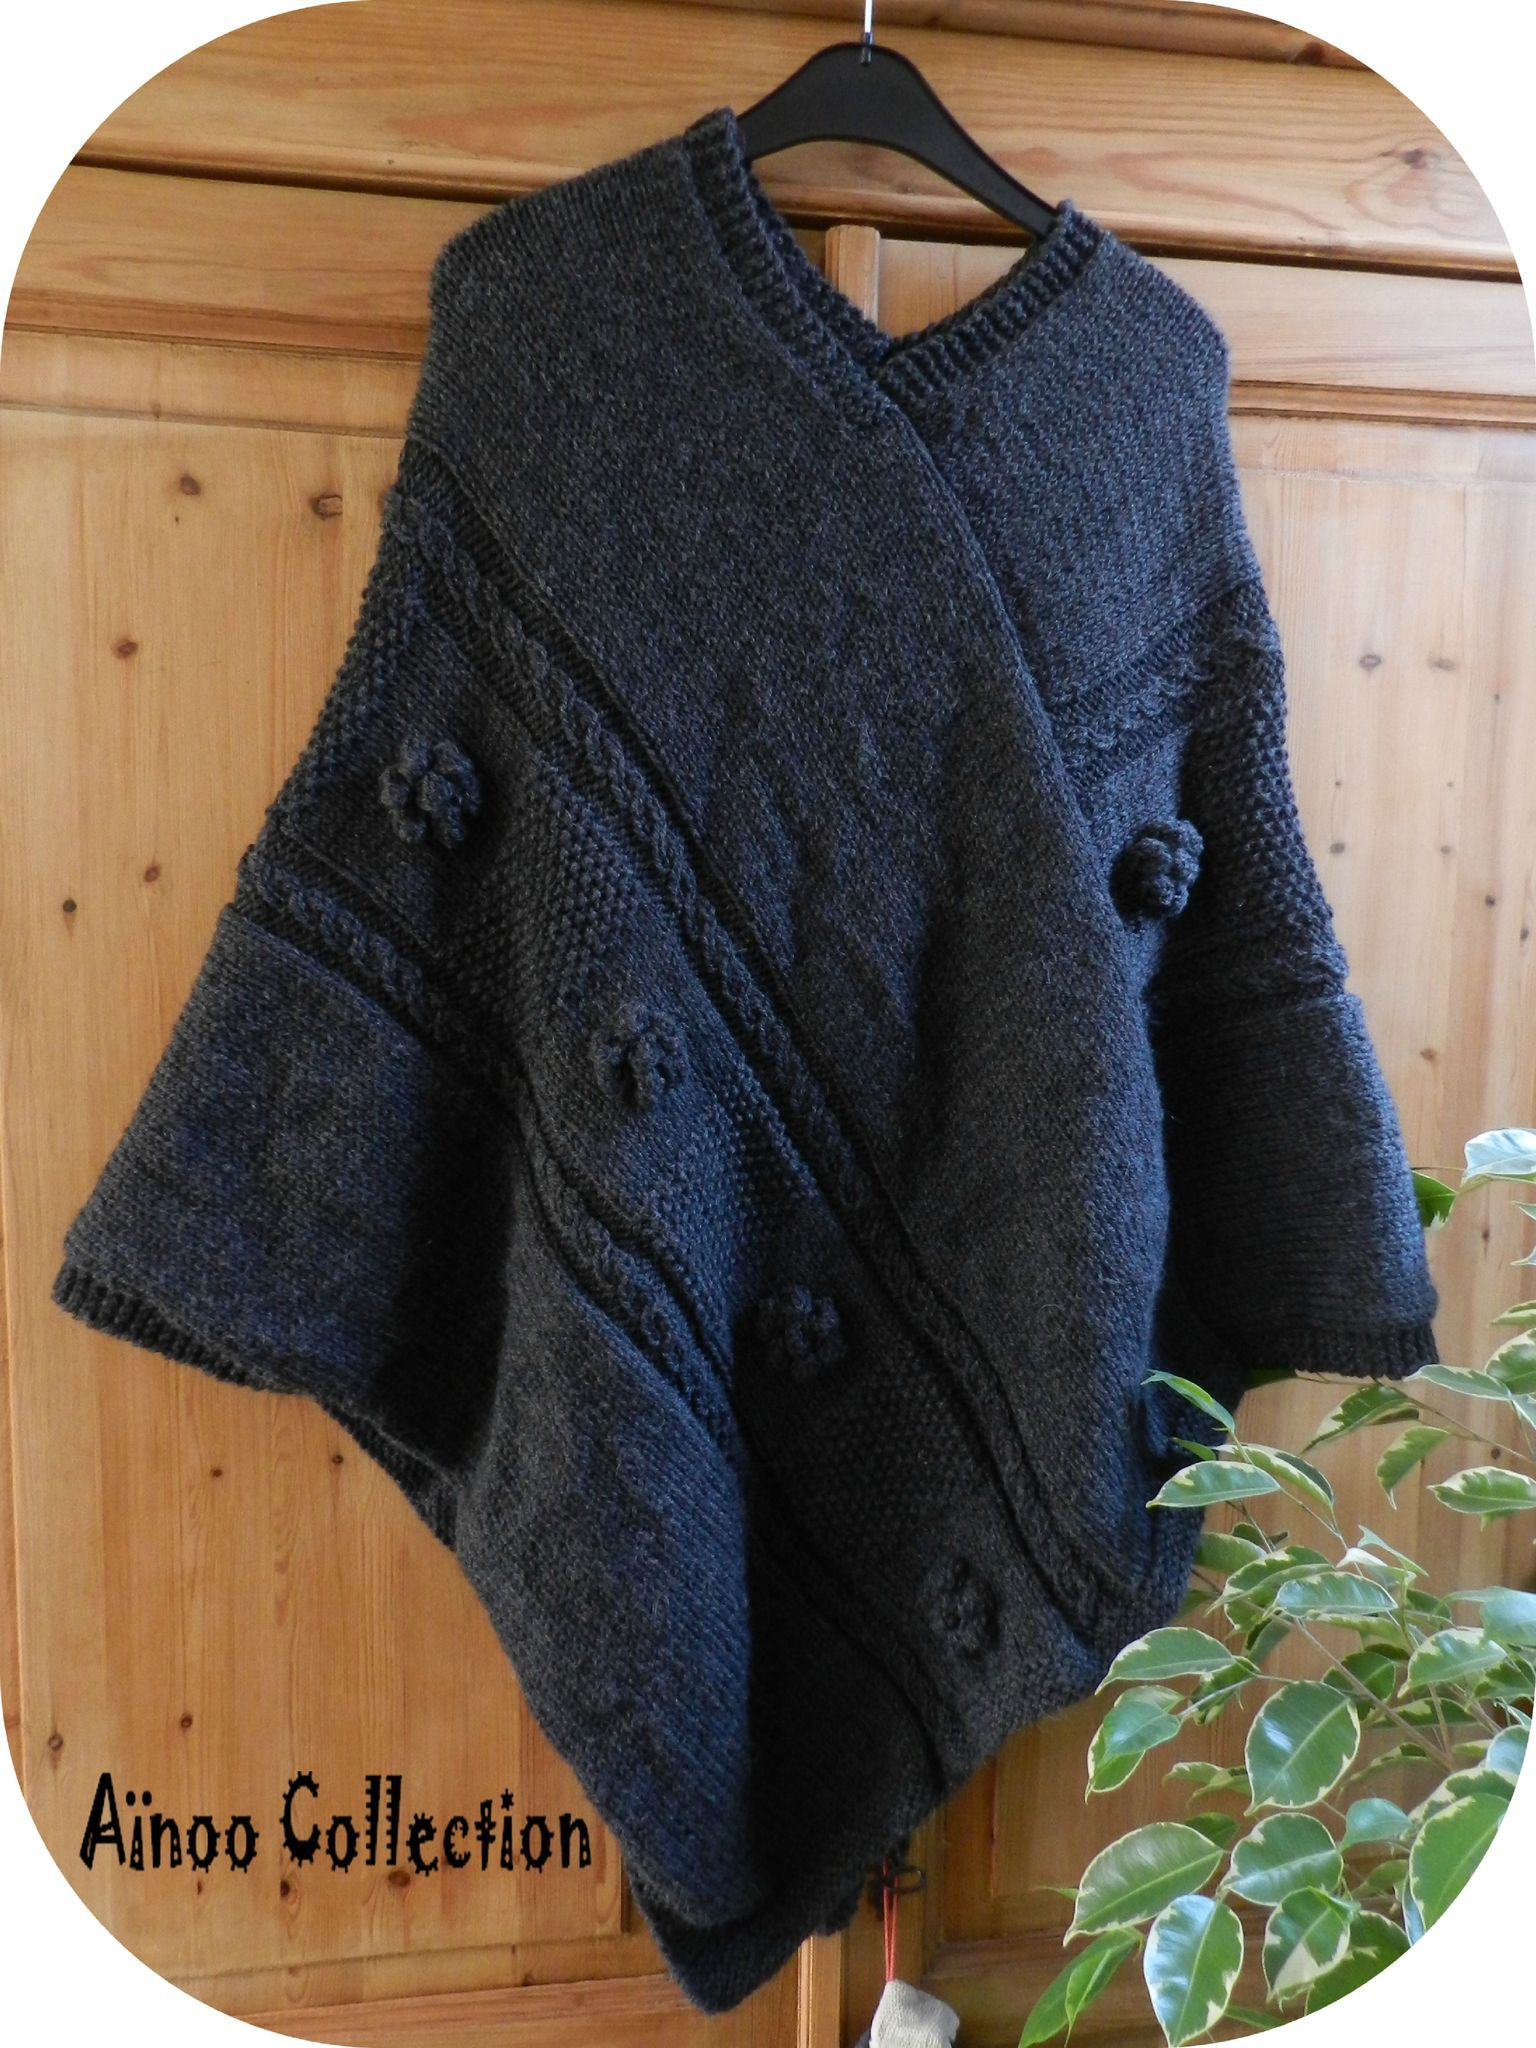 tricoter un poncho tricots pinterest tricoter tricot et crochet. Black Bedroom Furniture Sets. Home Design Ideas